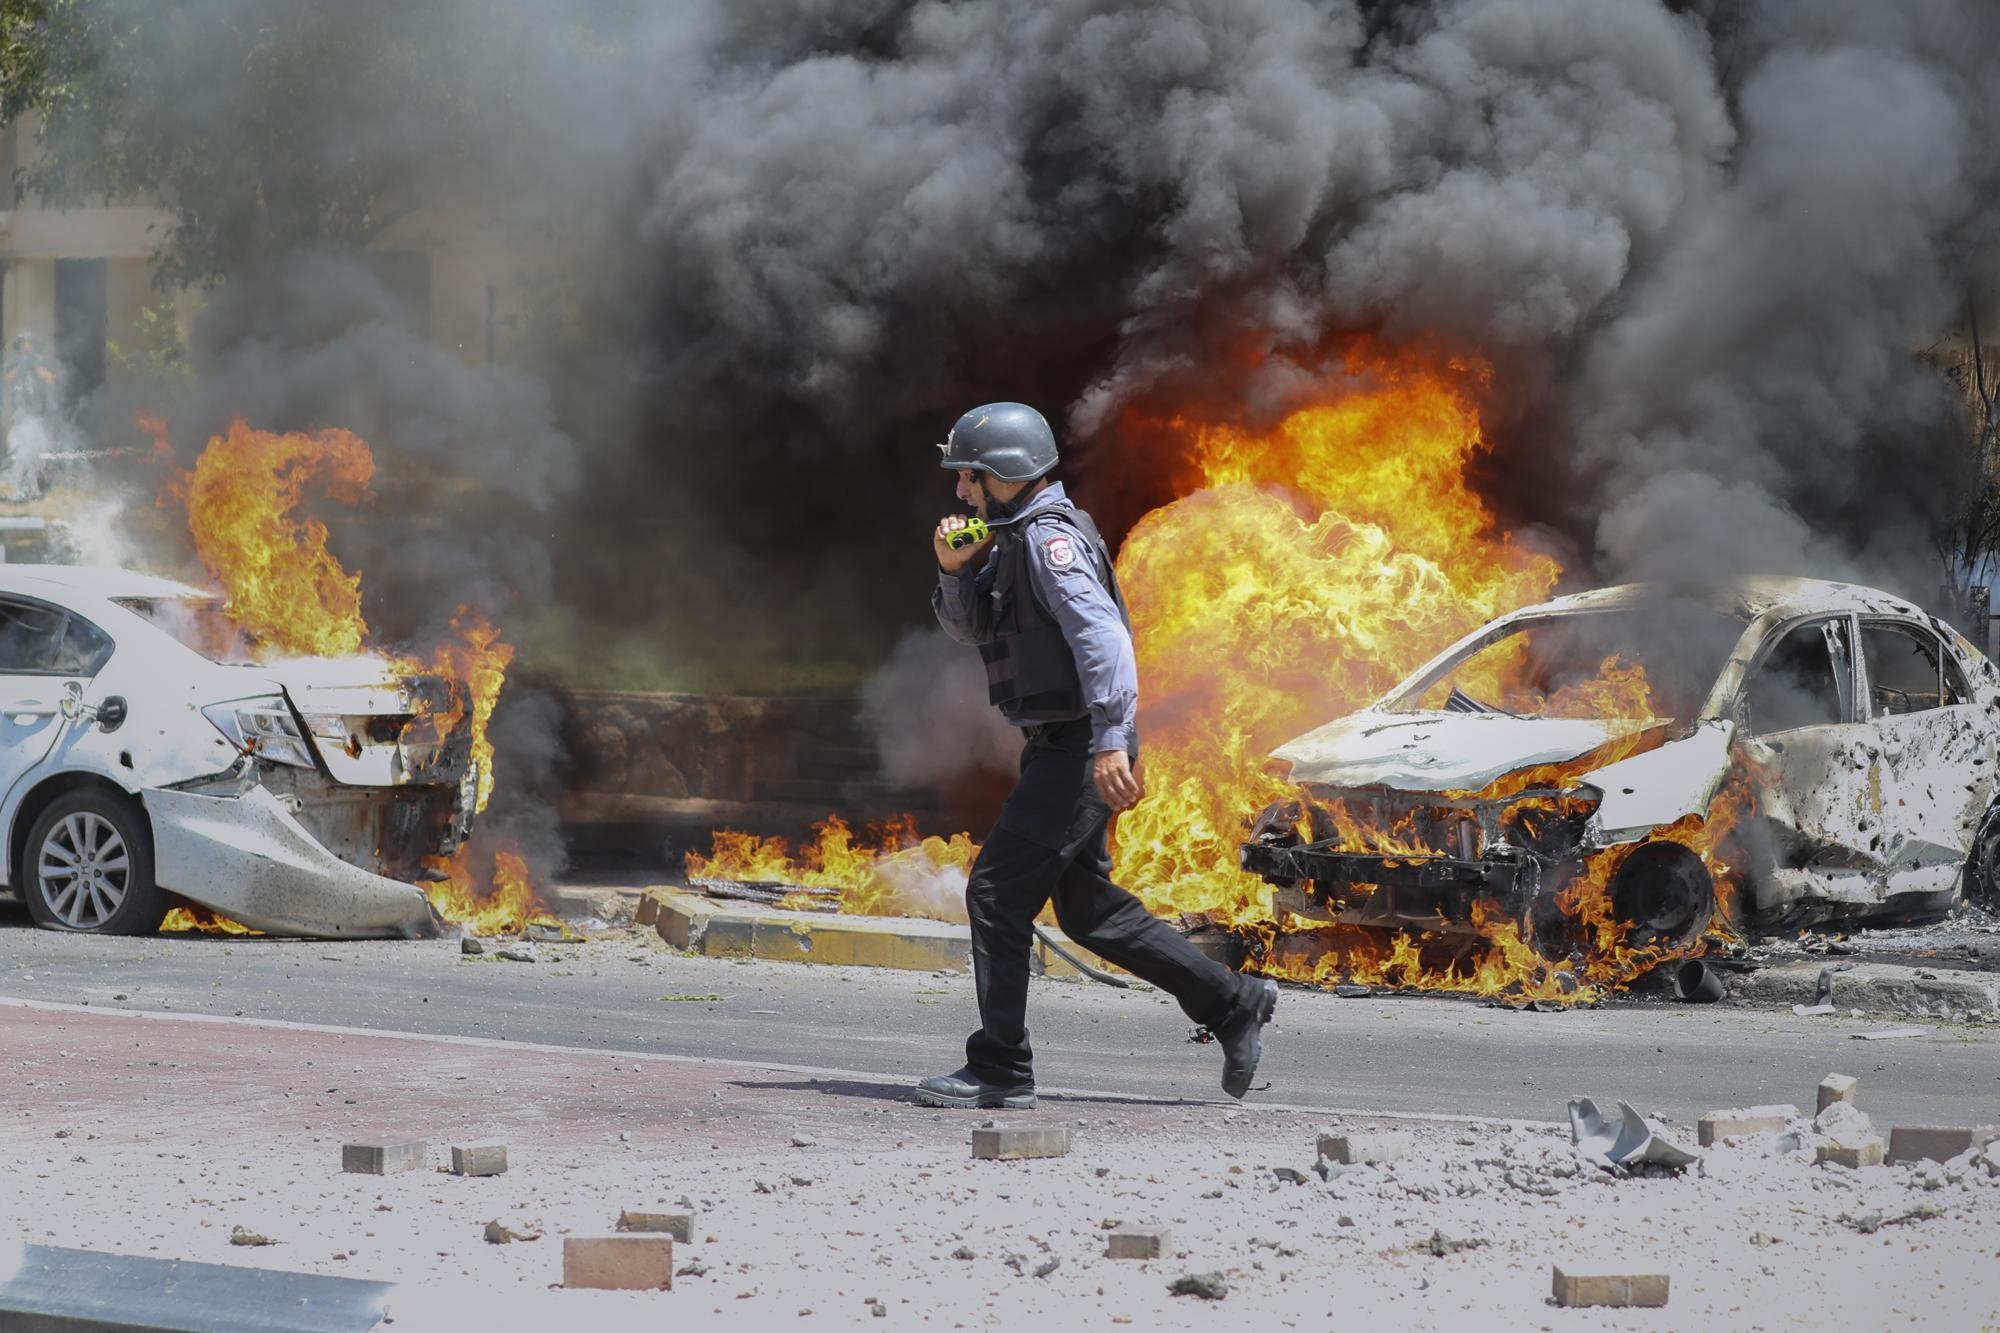 Xung đột Palestine - Israel: Các cuộc pháo kích tiếp tục diễn ra